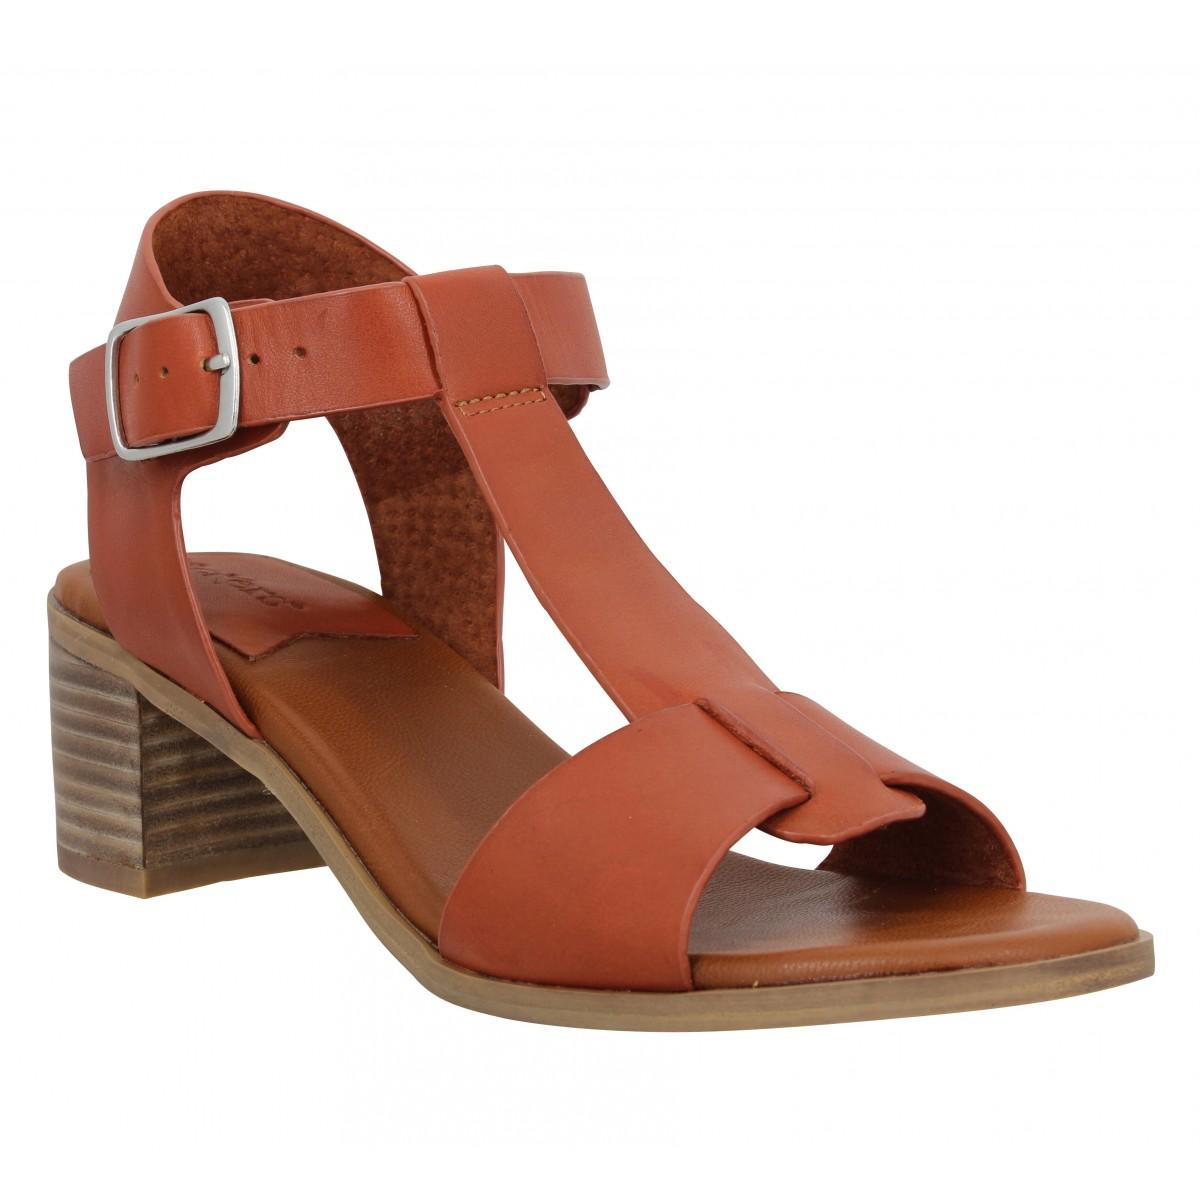 Sandales talons KICKERS Valmons cuir Femme Brique